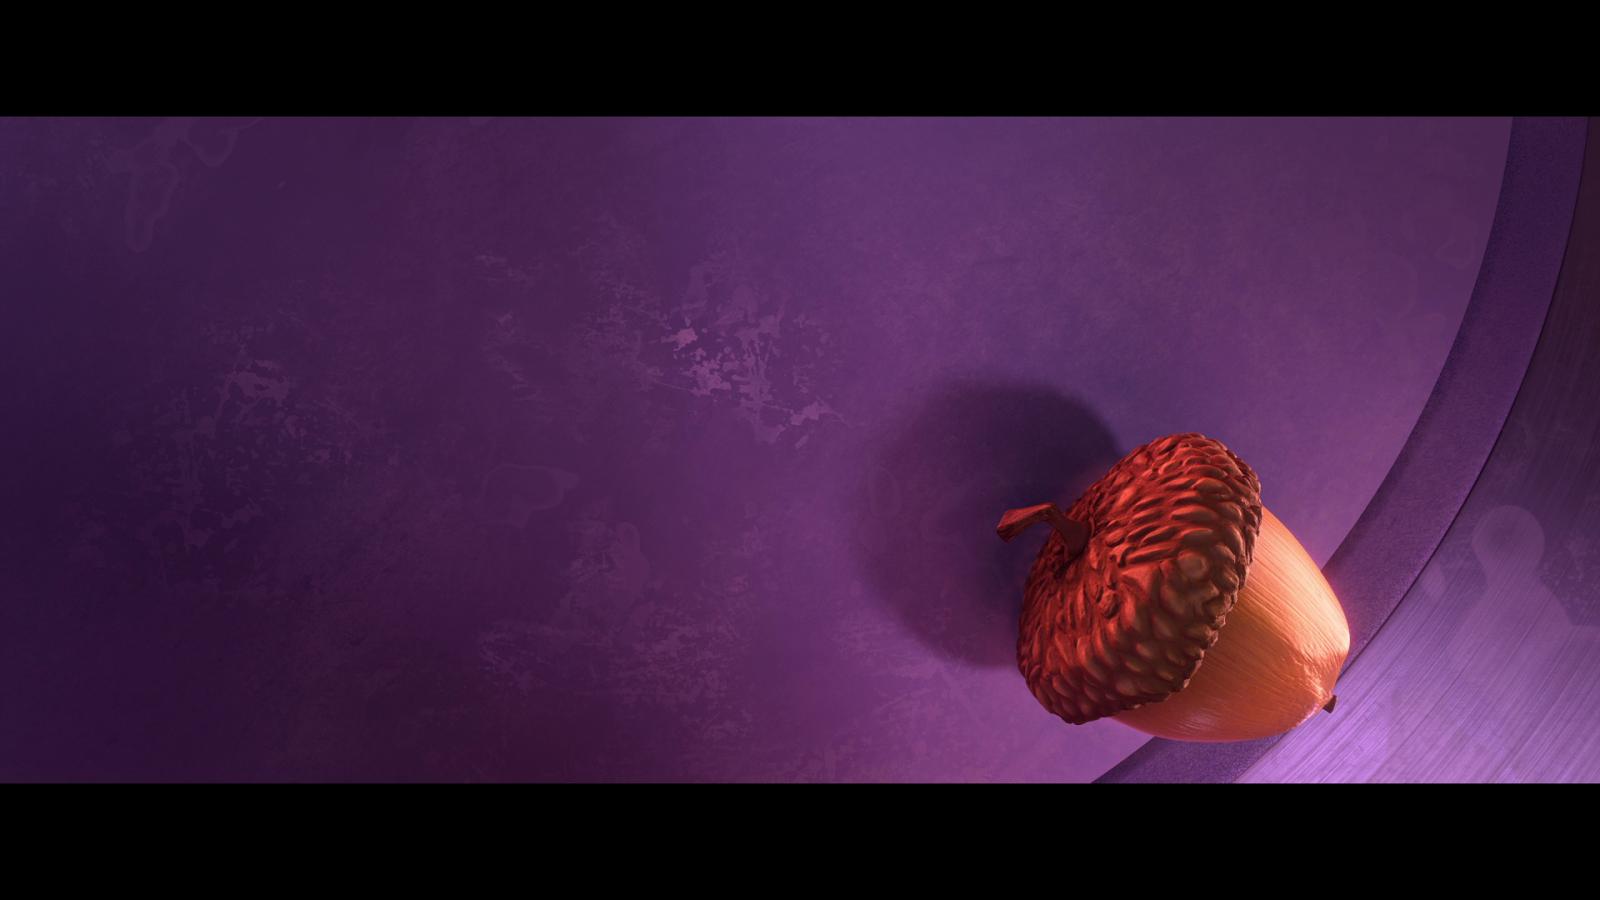 La Era De Hielo Choque De Mundos (2016) 1080p BD25 2D y 3D 1